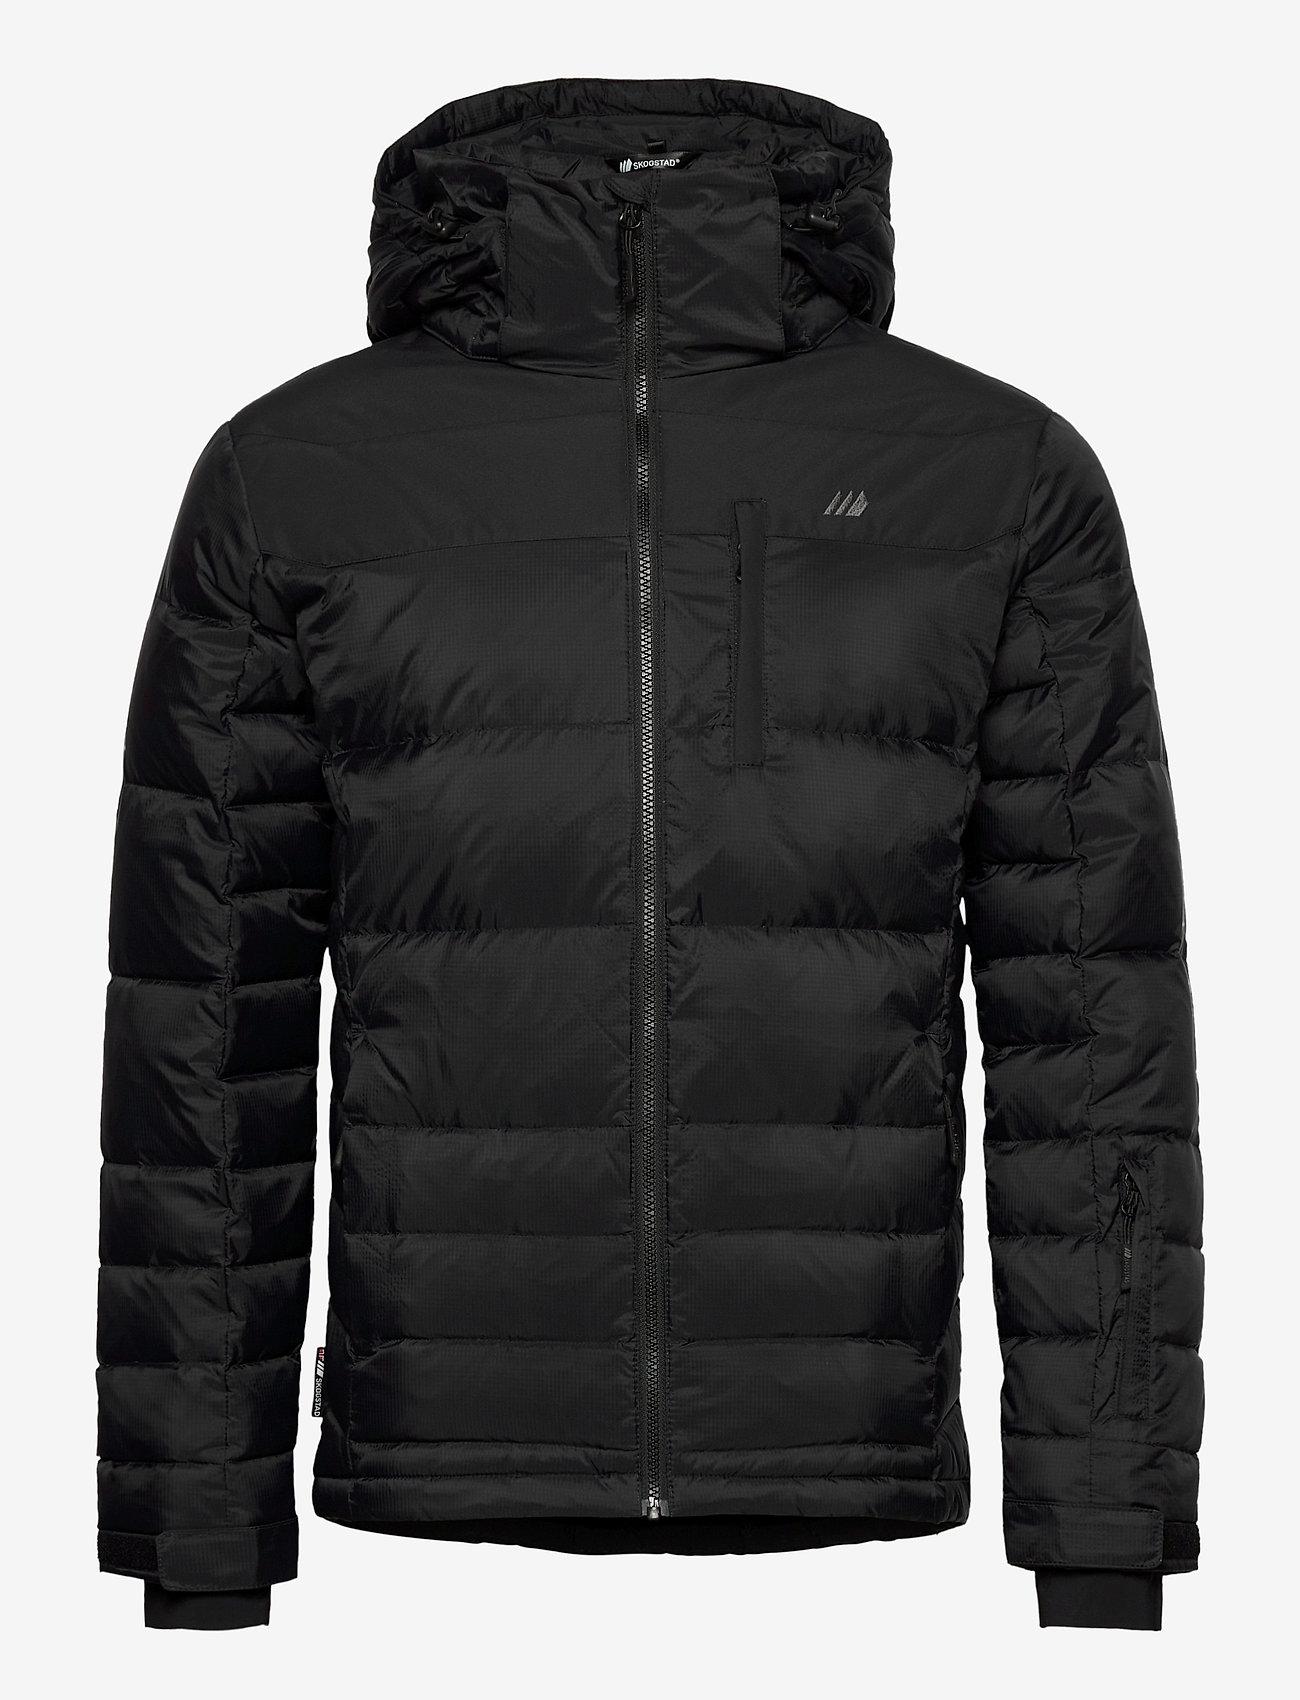 Skogstad - Selvågen down jacket - outdoor- & regenjacken - black - 1